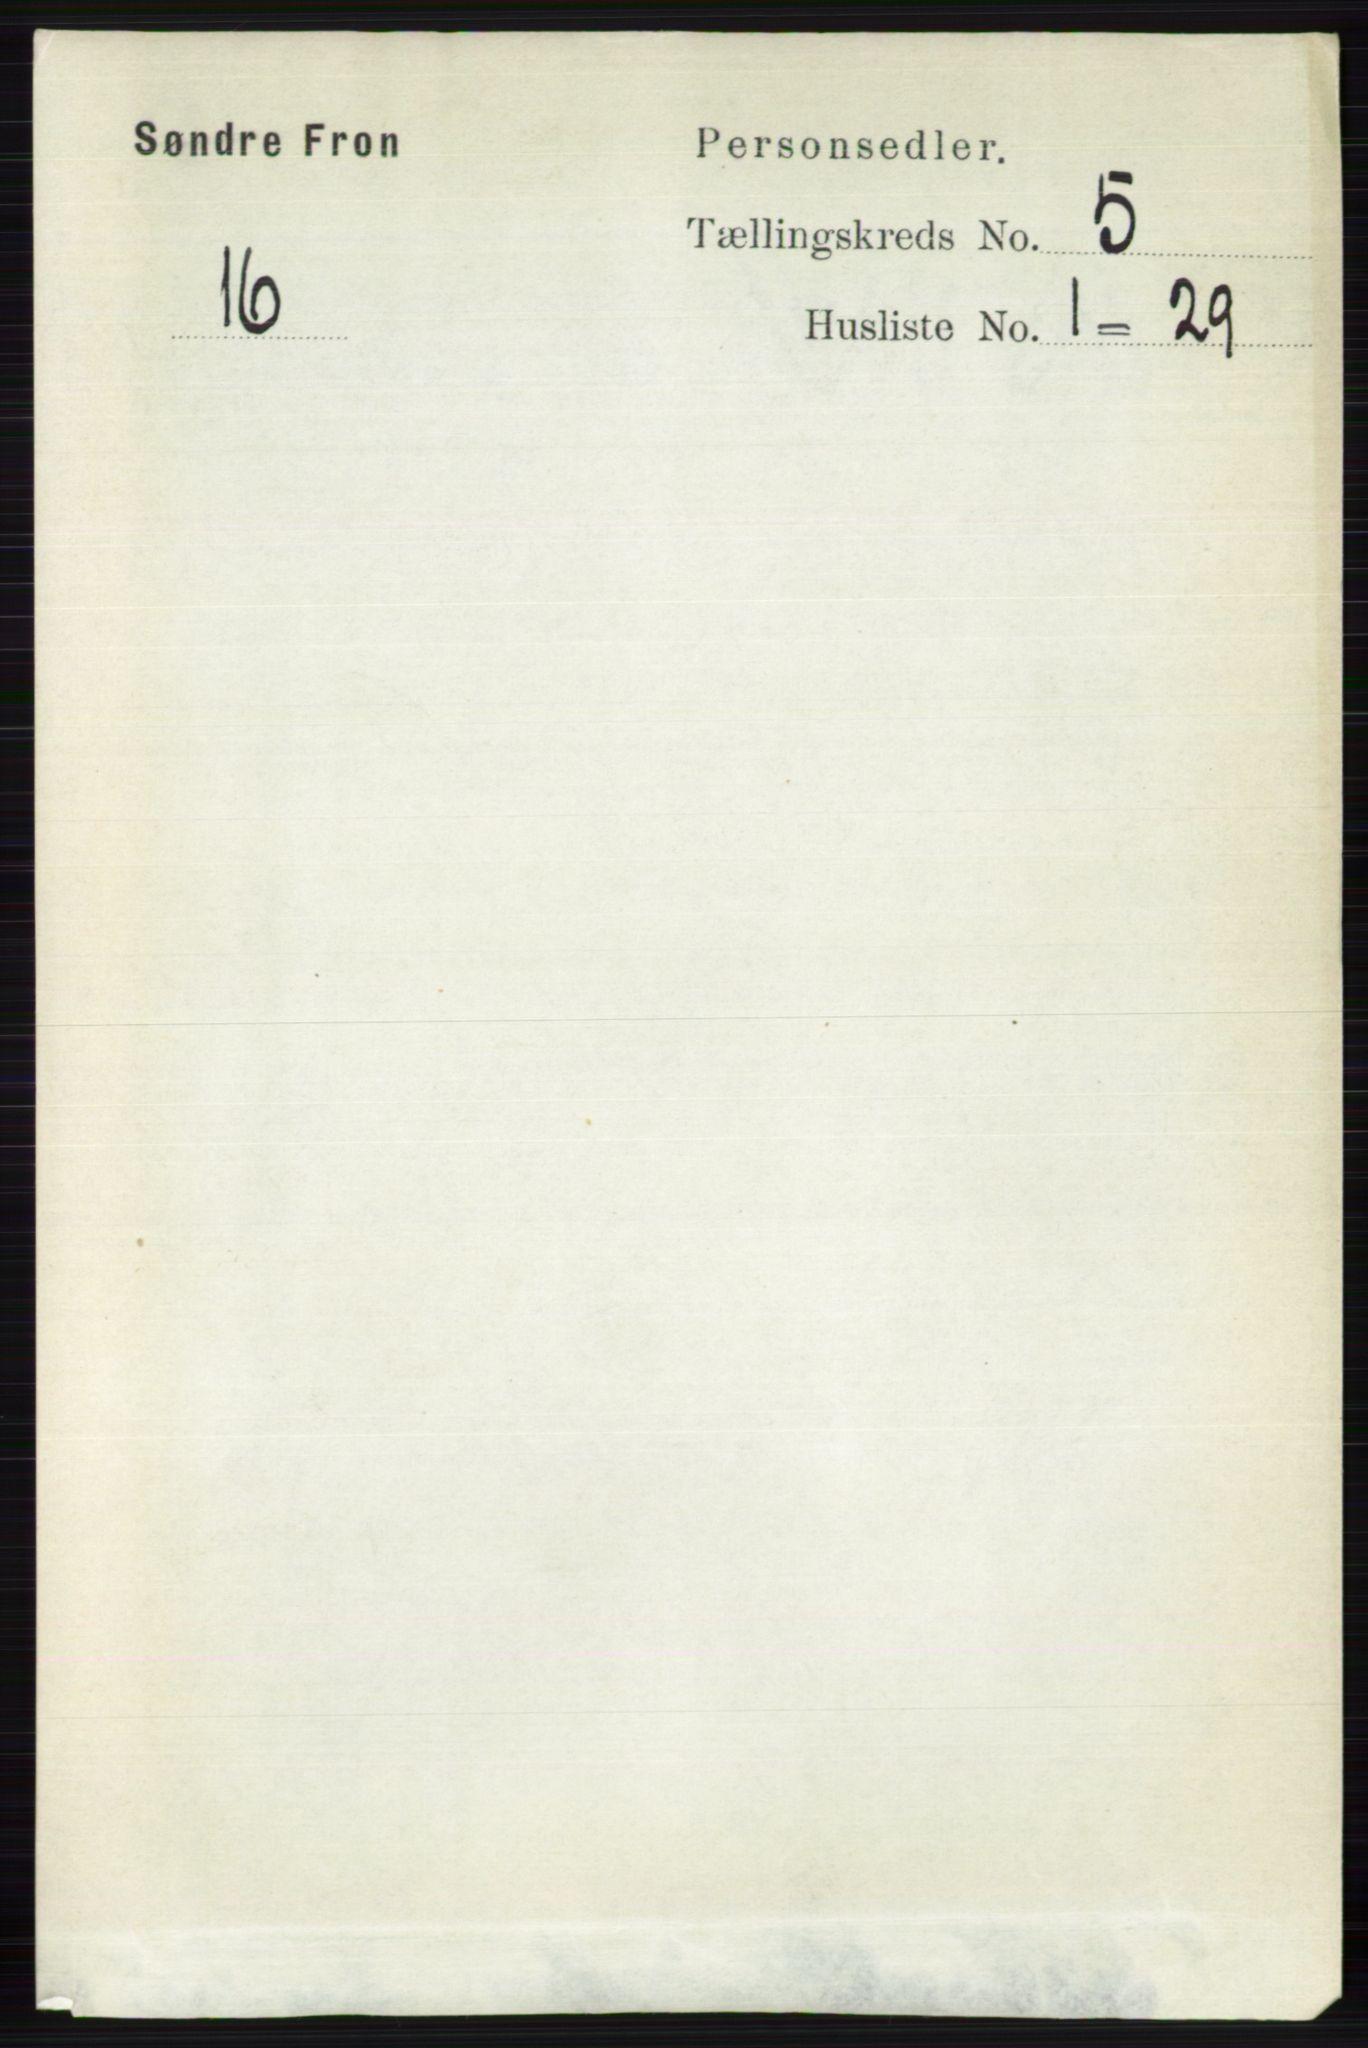 RA, Folketelling 1891 for 0519 Sør-Fron herred, 1891, s. 2046